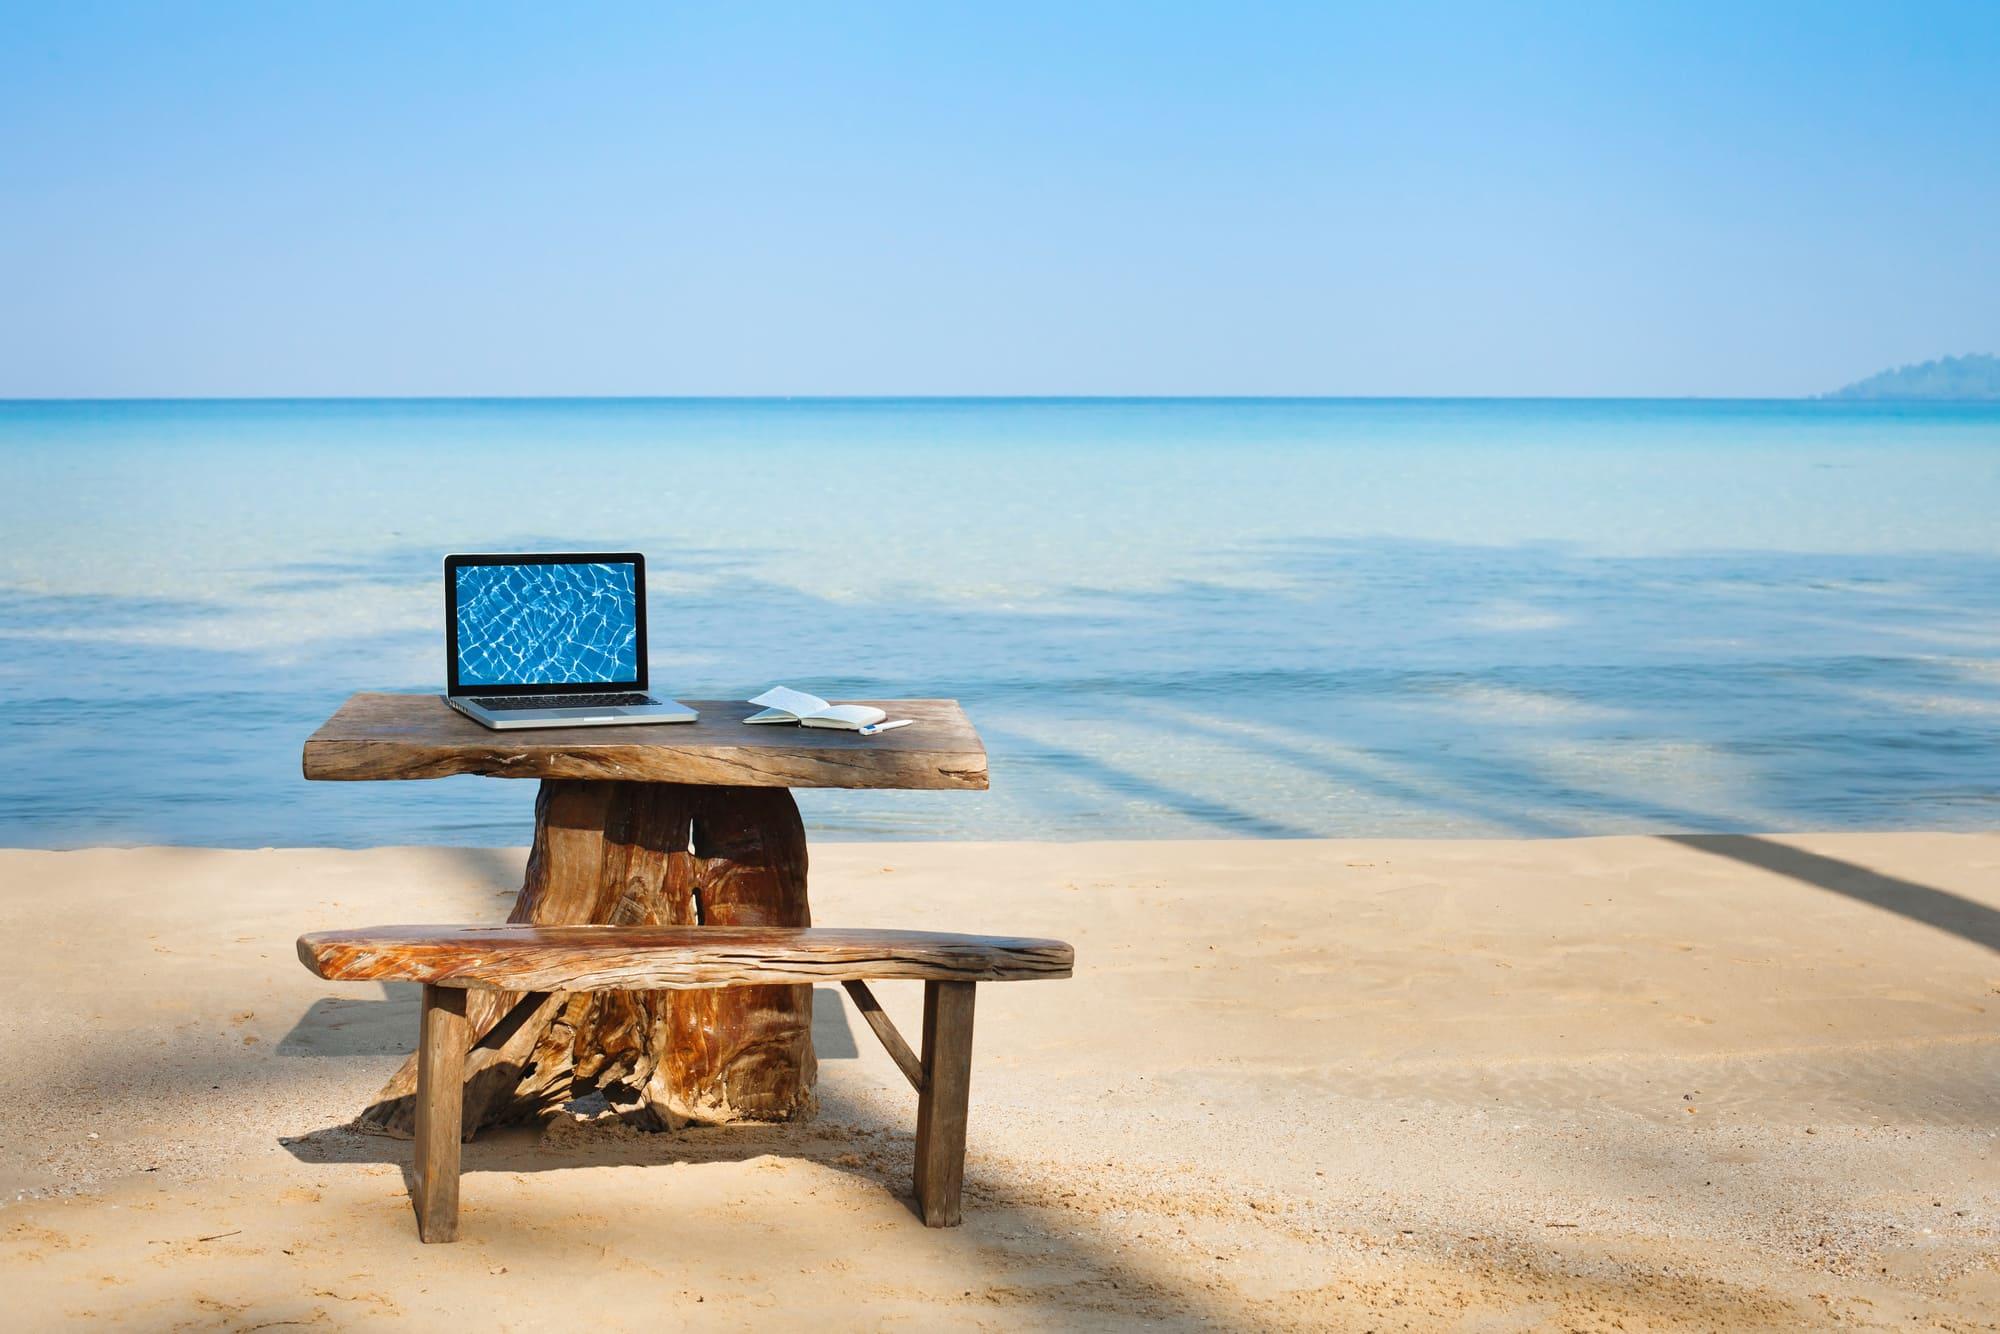 Bureau en bois sur la plage face à la mer